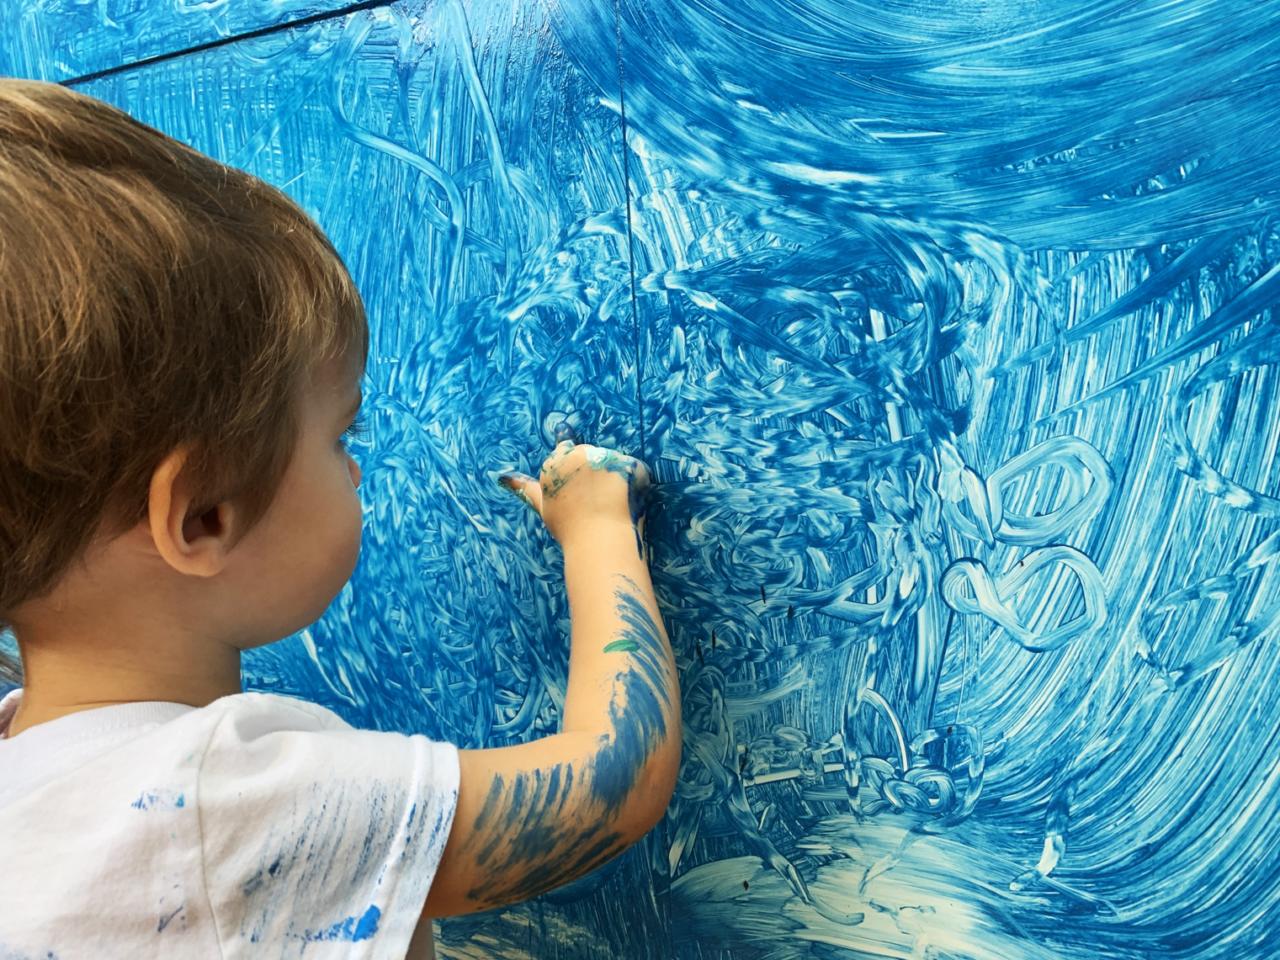 Criança pintando com dedo com tinta azul em uma parede já pintada de azul.